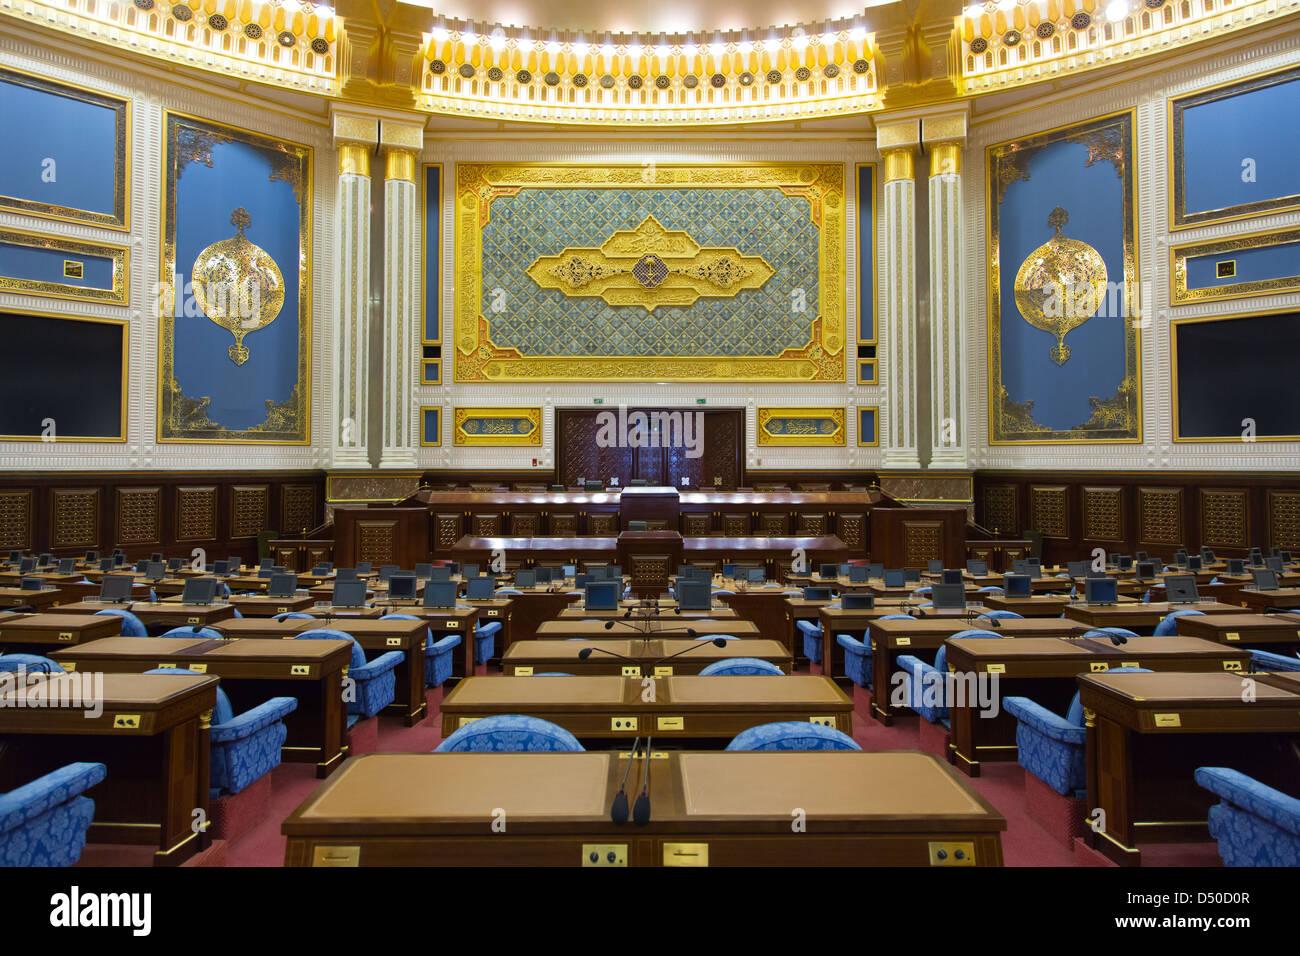 L'hémicycle du Parlement européen de cérémonie dans Rhiyhd, l'Arabie saoudite utilisé Photo Stock